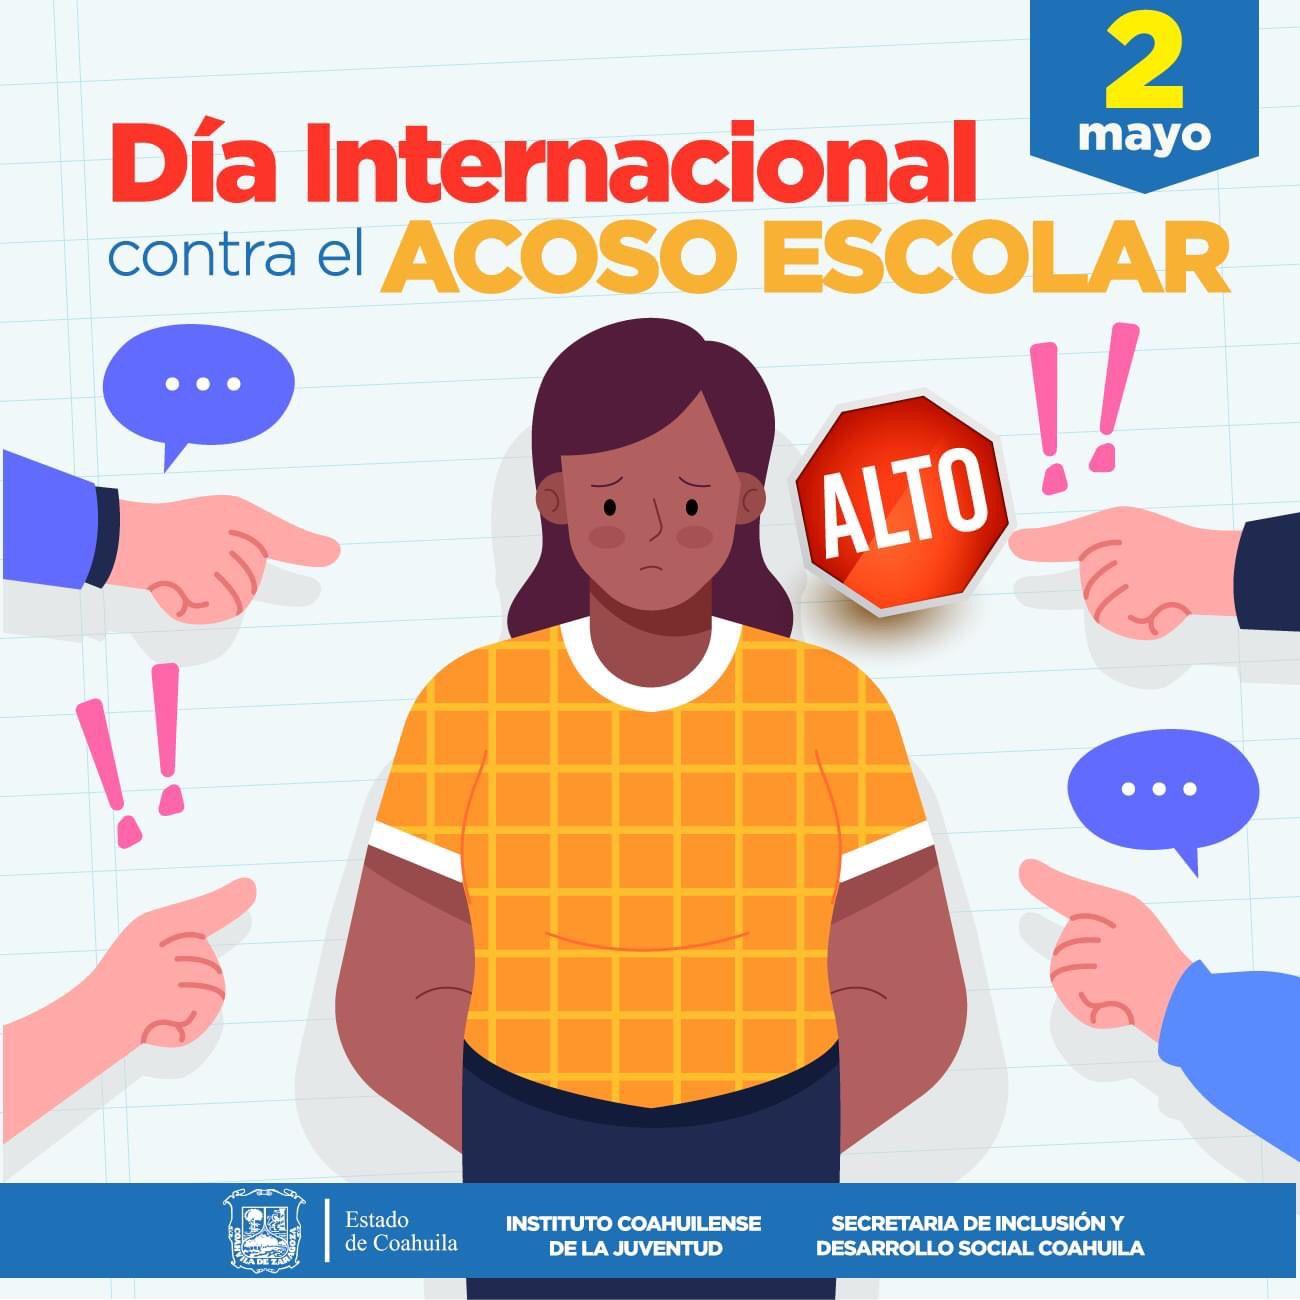 COAHUILA GENERA CONCIENCIA EN EL DÍA INTERNACIONAL CONTRA EL ACOSO ESCOLAR